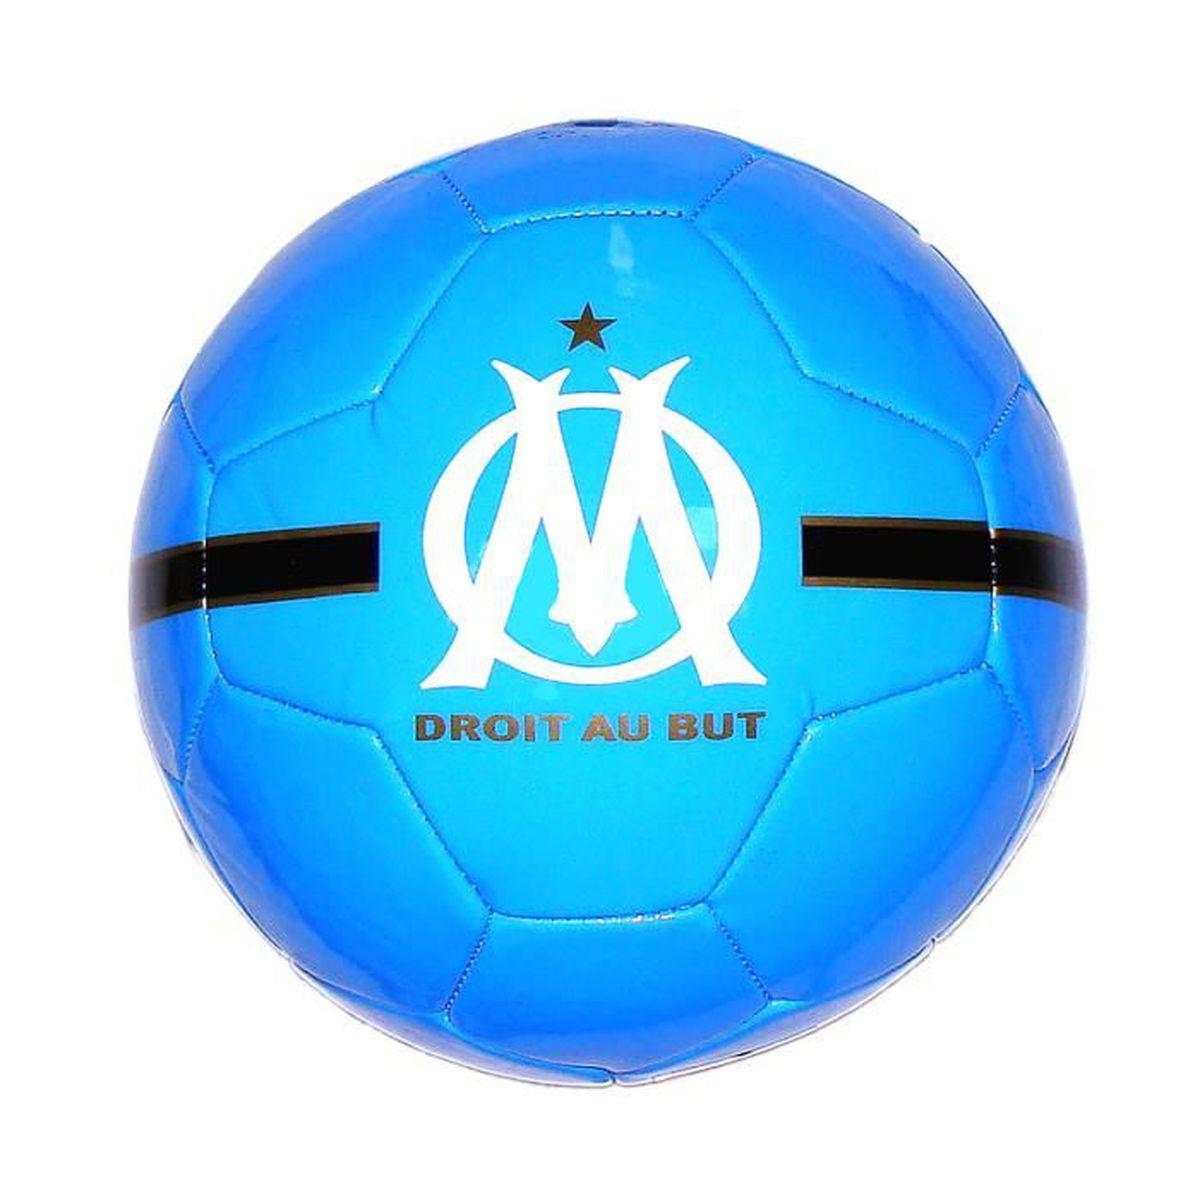 Olympique de marseille mini ballon de football om - Logo de l olympique de marseille ...